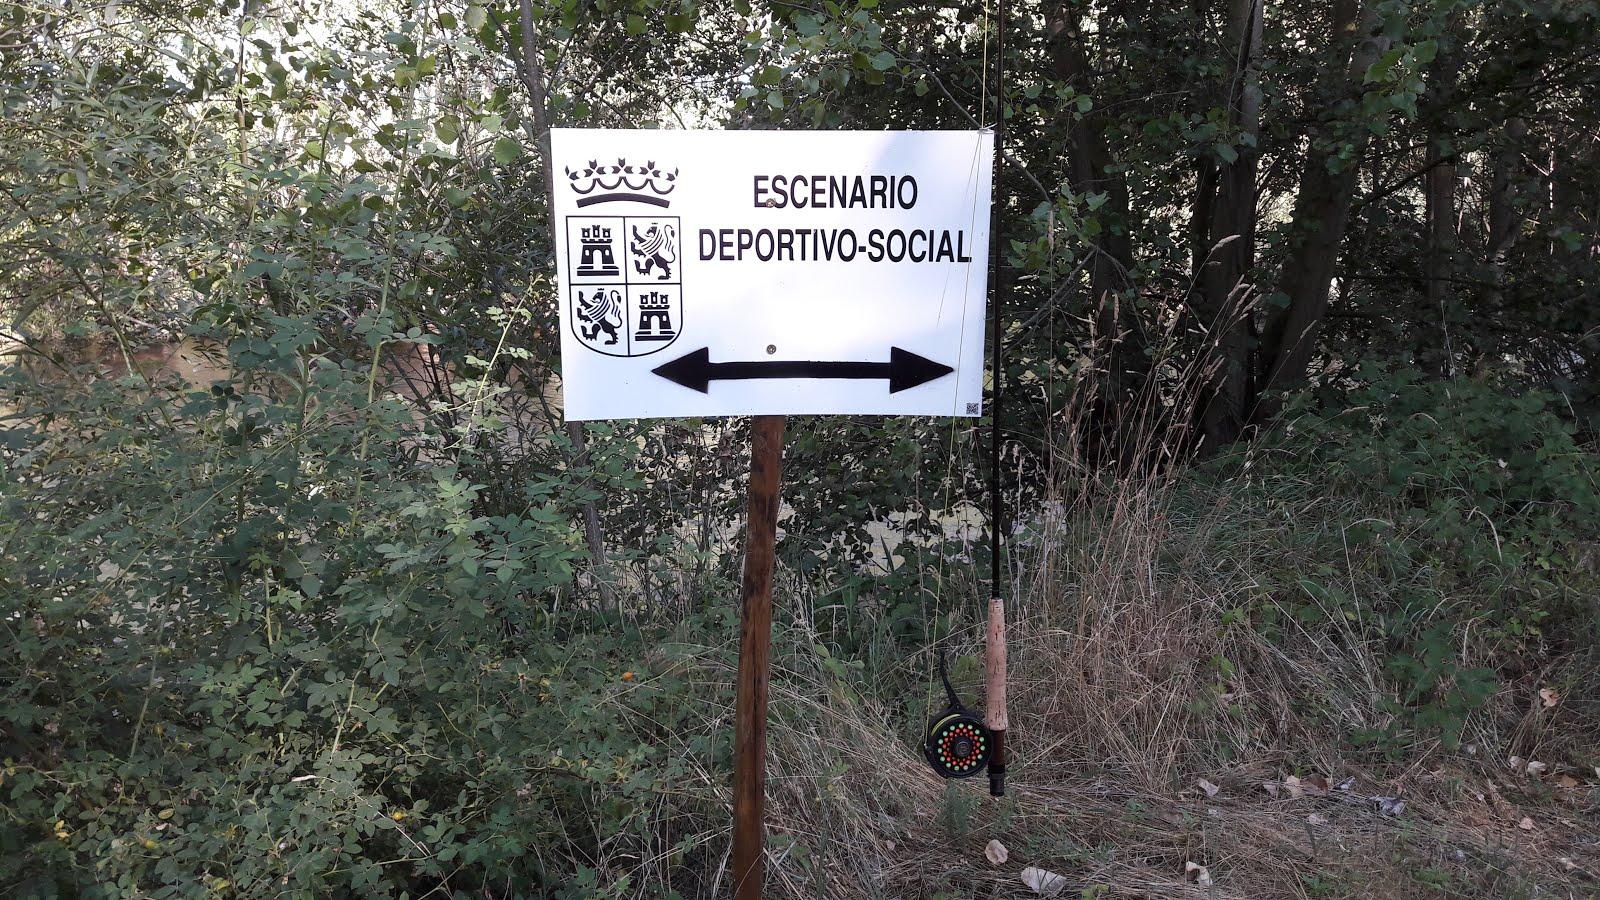 LAS TRUCHAS DE SANTA MARINA DEL REY Y CASIMIRO.